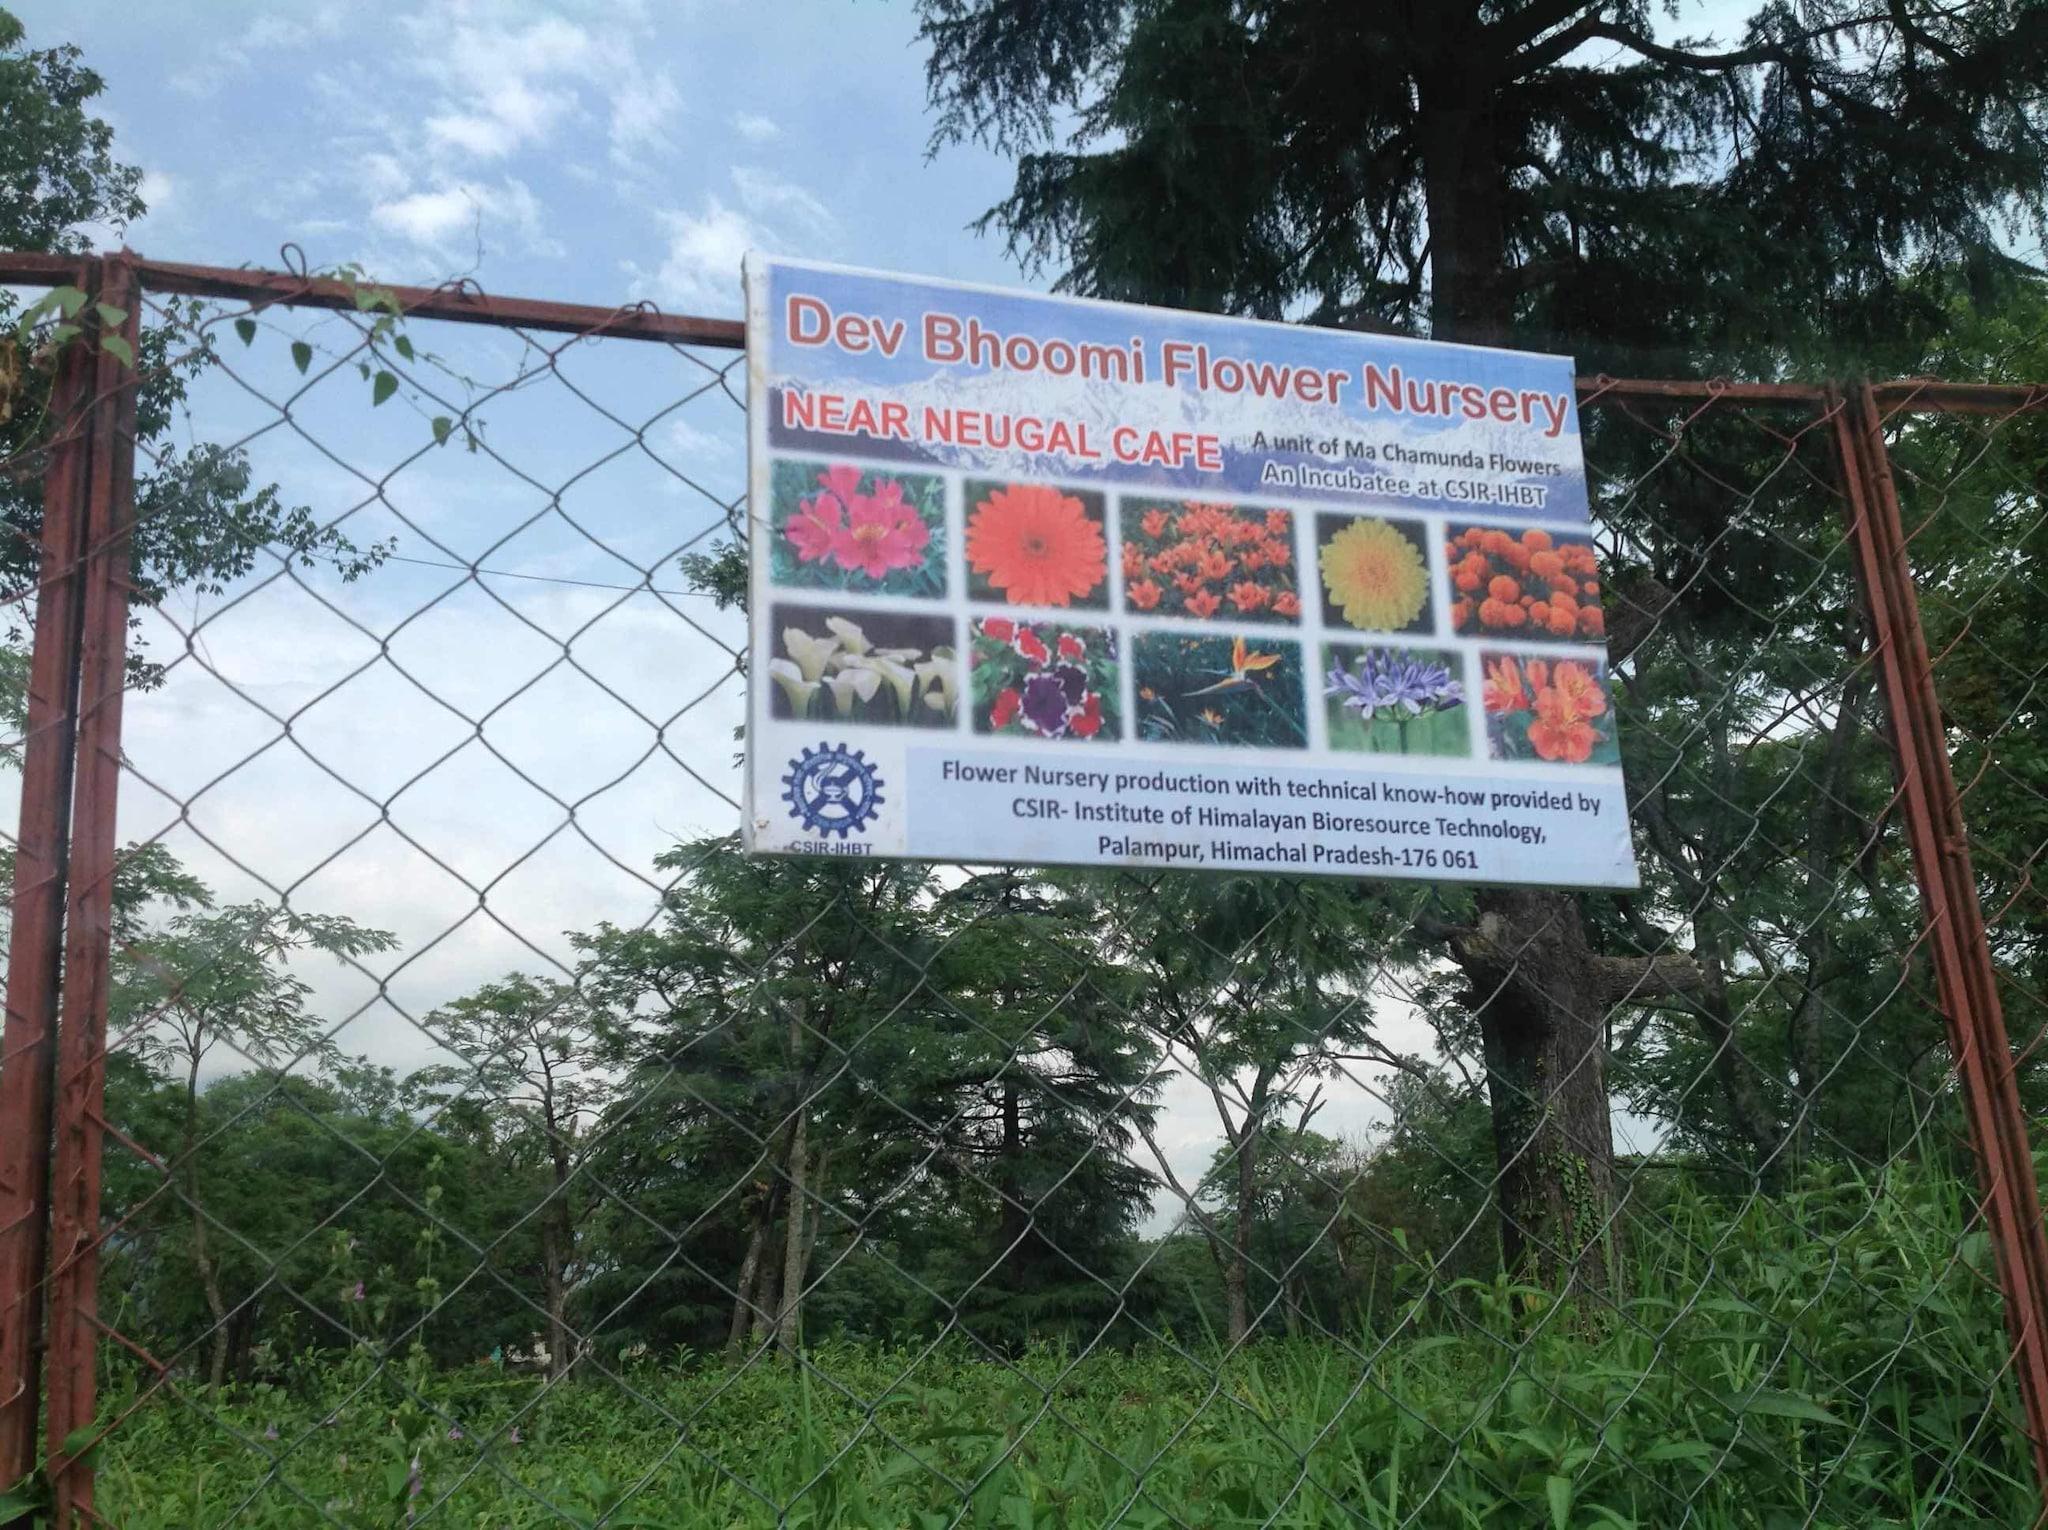 Top 20 Plant Nurseries in Auc Palampur - Best Nursery Plant